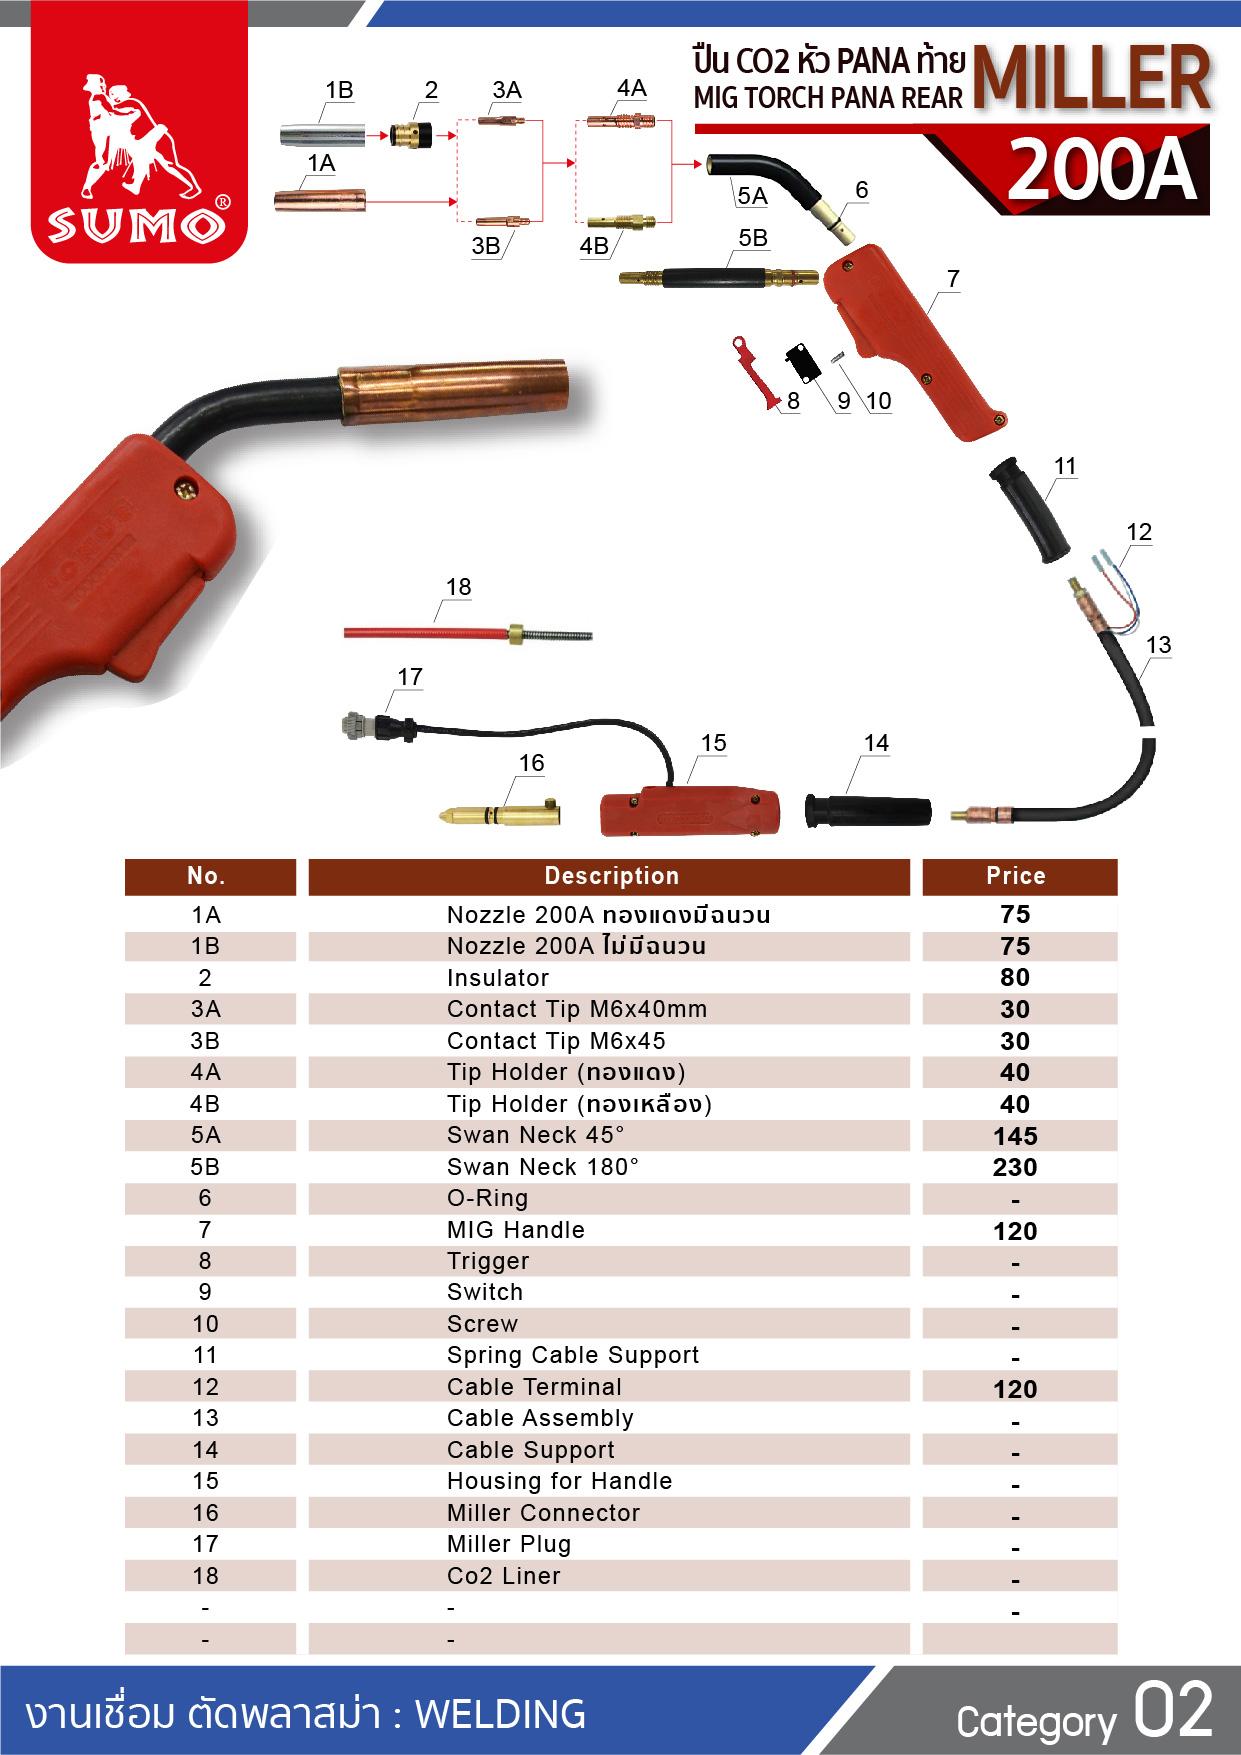 (112/277) ปืน CO2 PANA 200A Miller